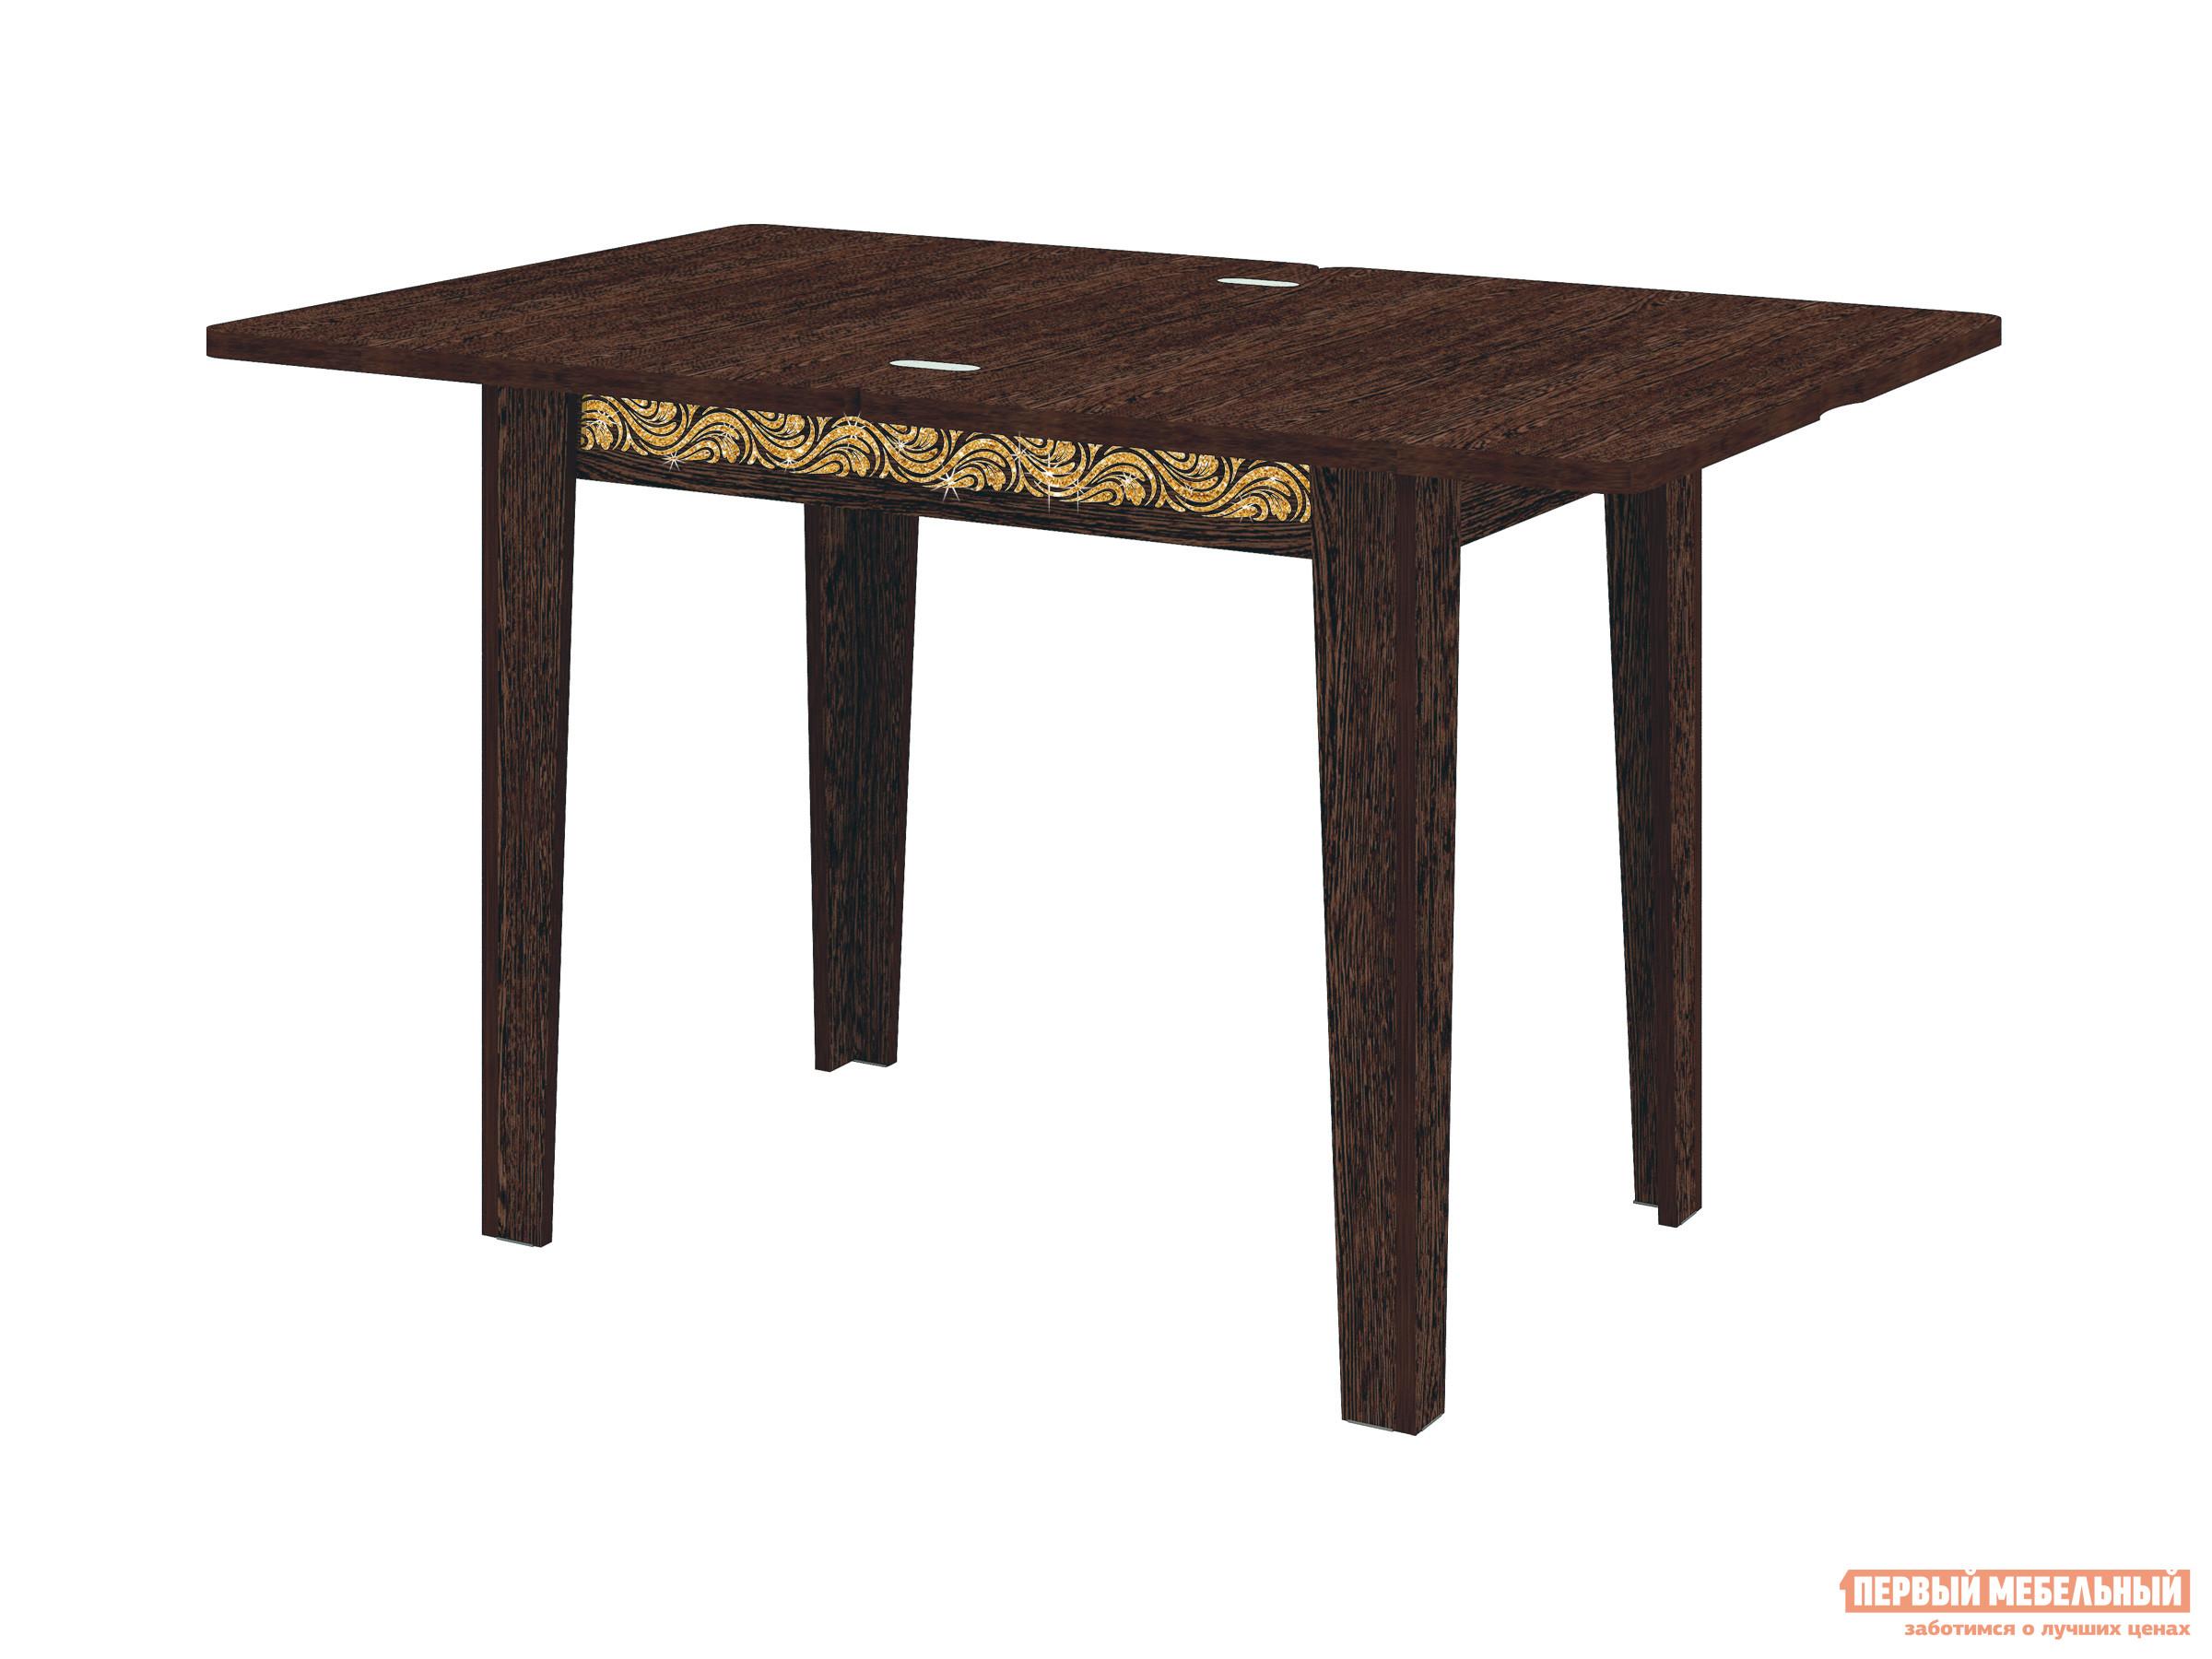 Кухонный стол Витра Орфей-26.10 Лайт обеденный стол витра орфей 22